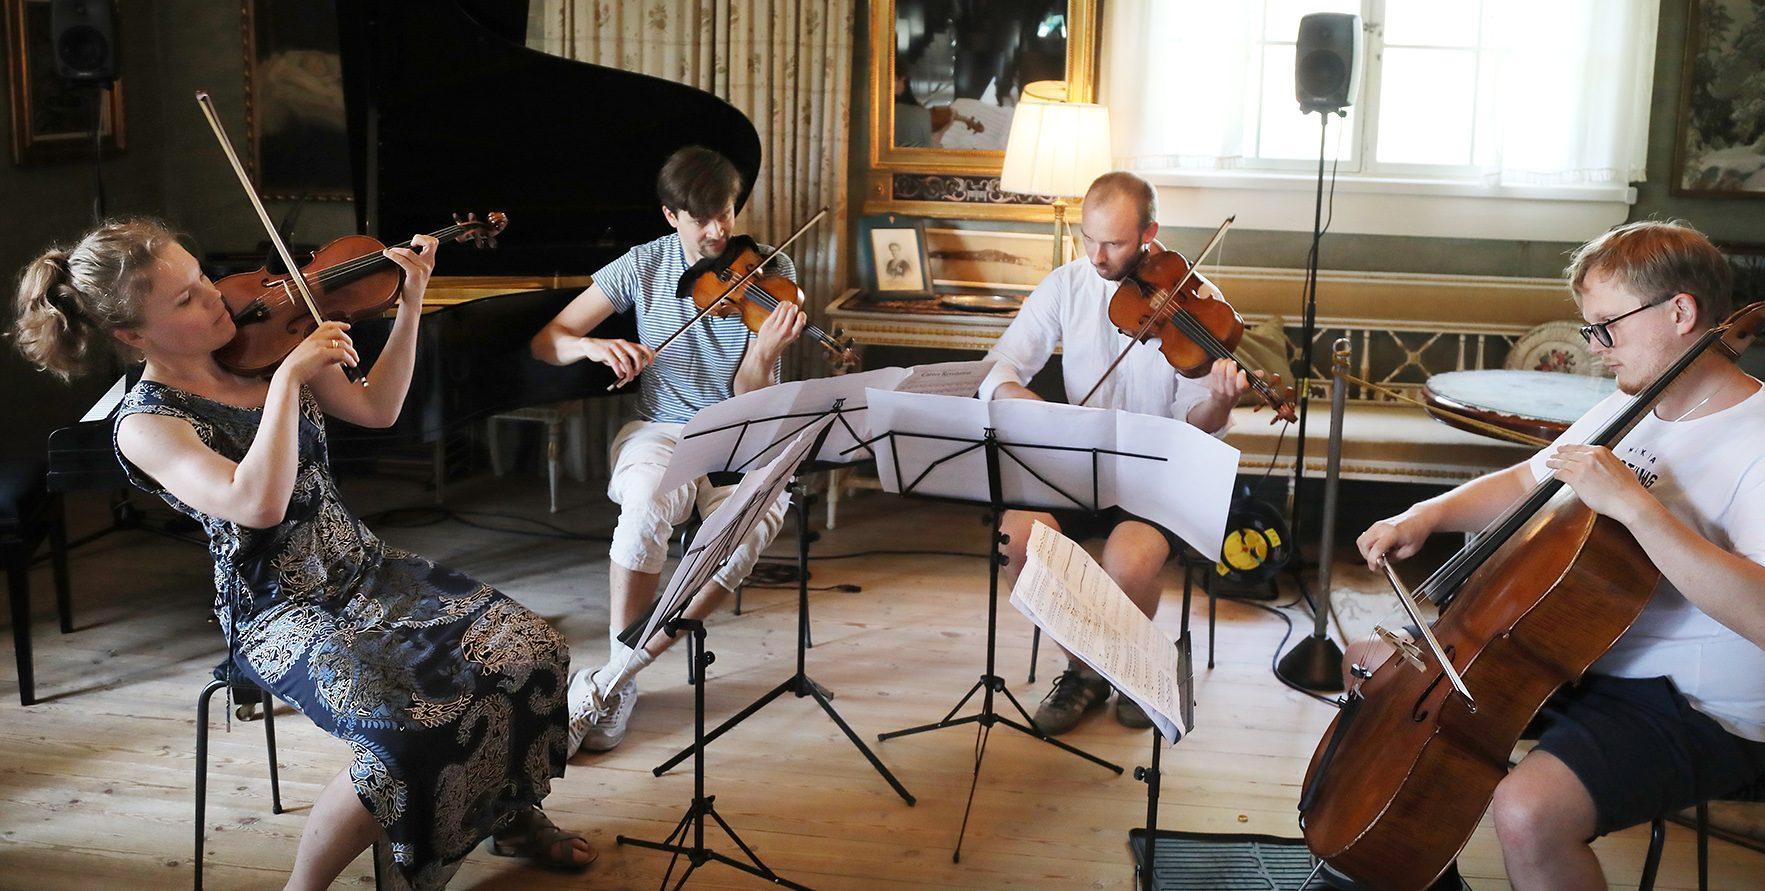 Kuvassa Kamus-kvartetti soittaa vanhassa salissa kolmea viulua ja selloa.